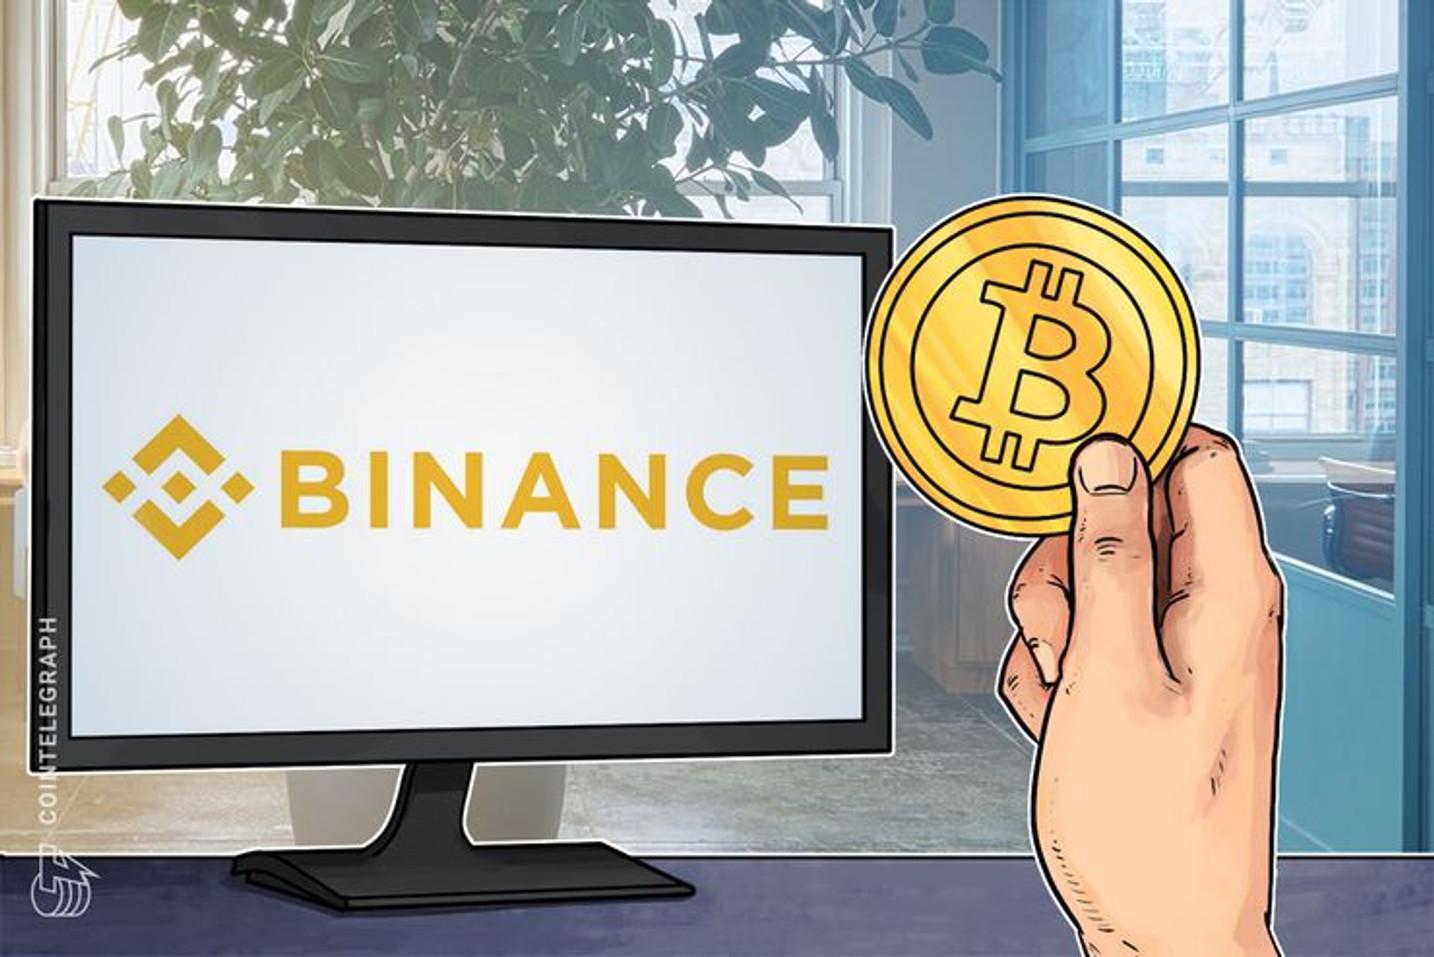 Binance realizará un webinar exclusivo para habitantes Perú, sobre criptomonedas e impuestos